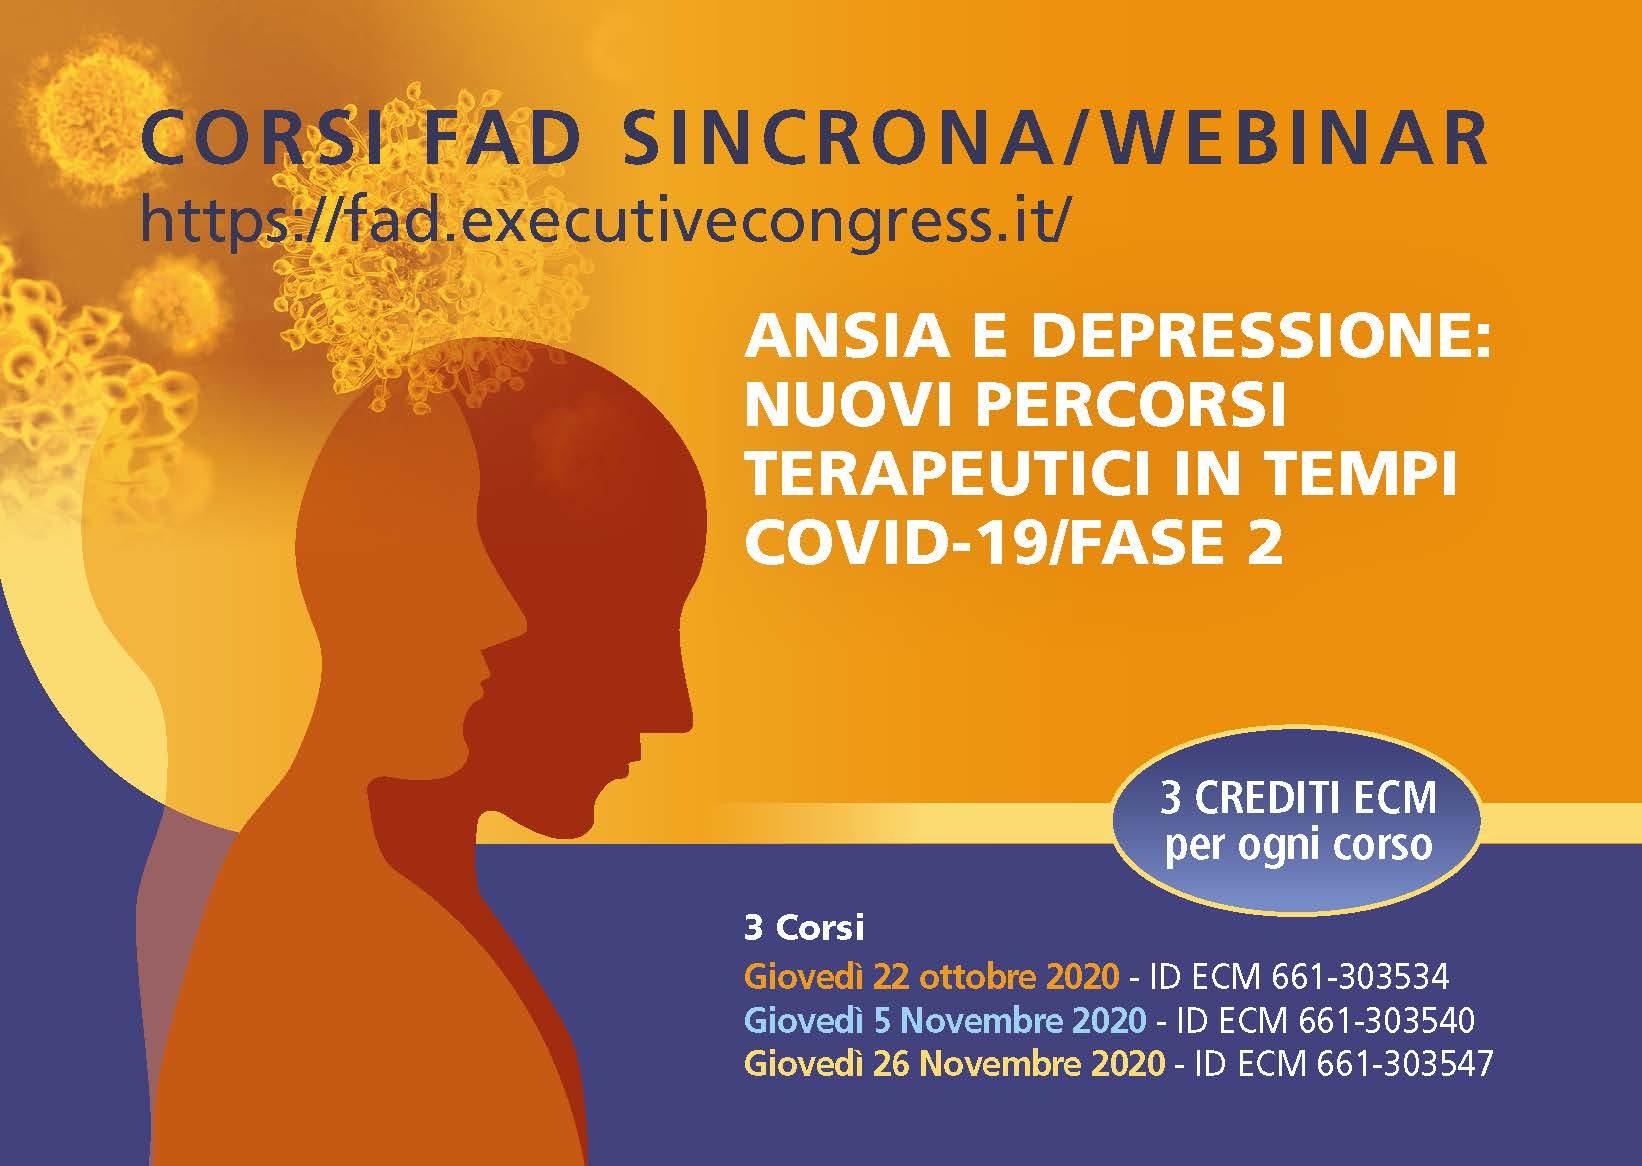 ANSIA E DEPRESSIONE: NUOVI PERCORSI TERAPEUTICI IN TEMPI COVID-19/FASE 2